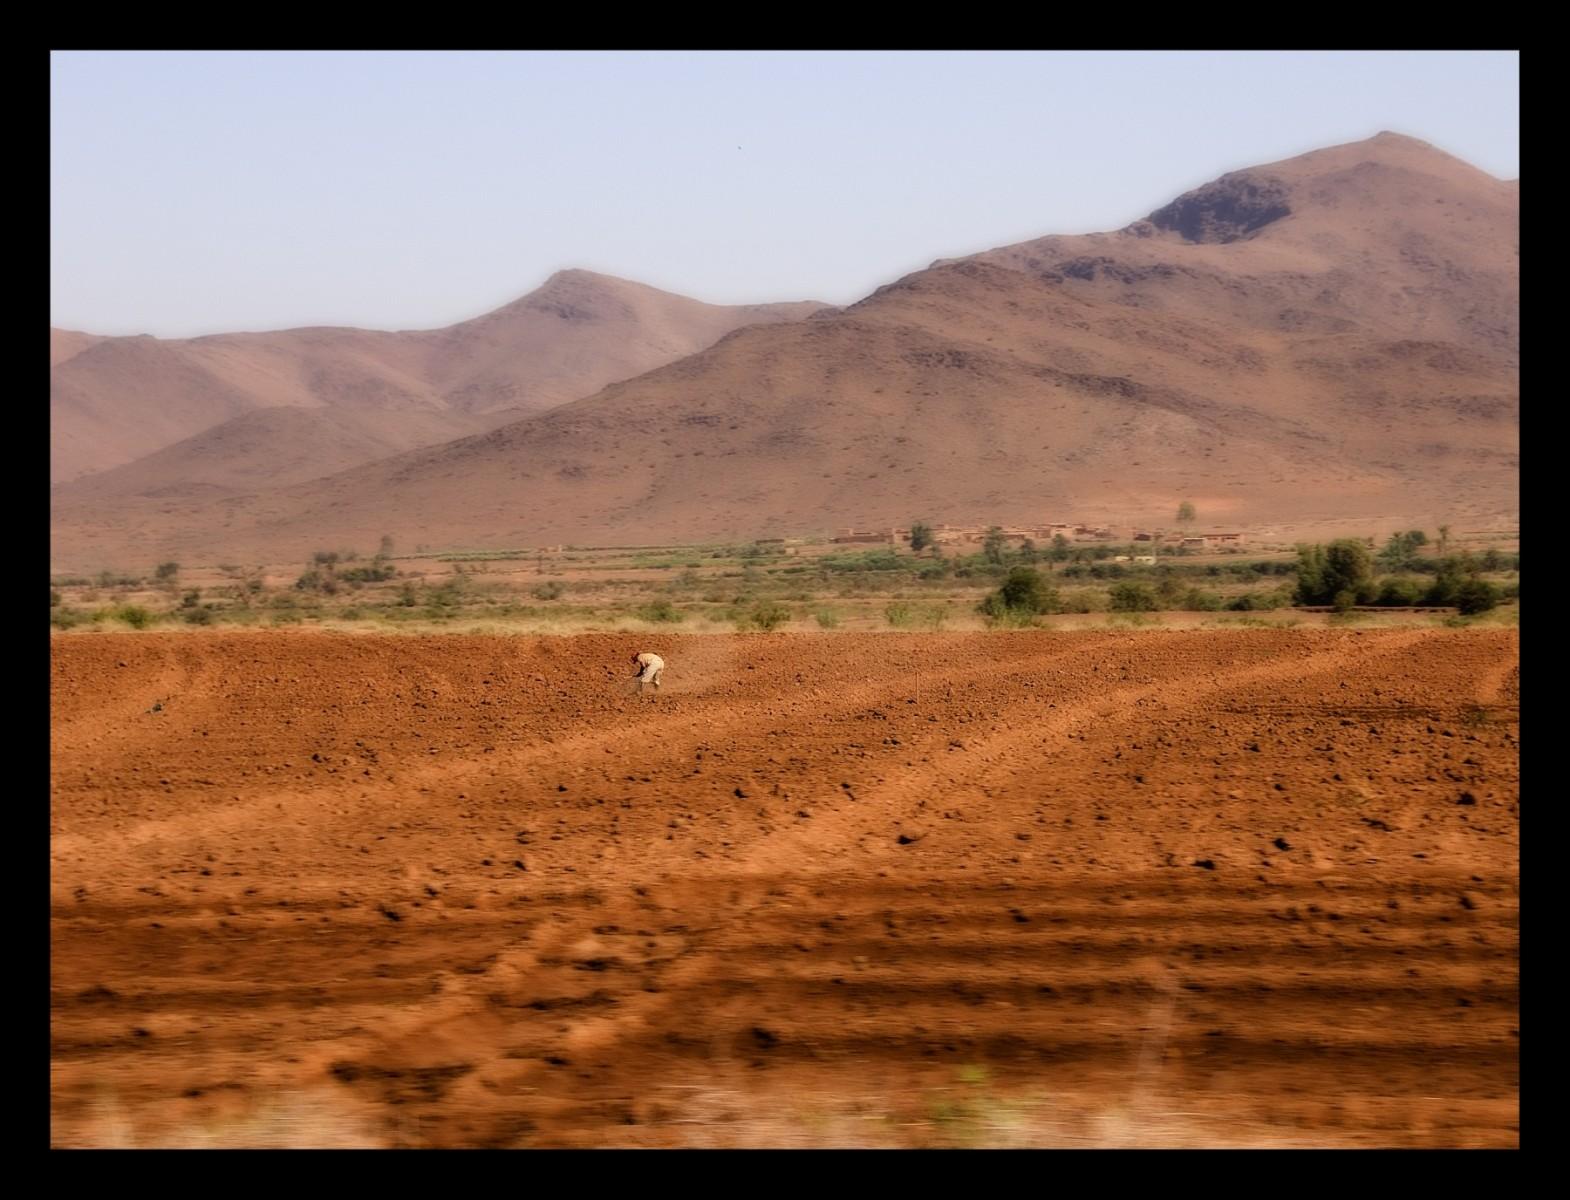 91215_DSC0006-on-desert-at-work Storie di Luce